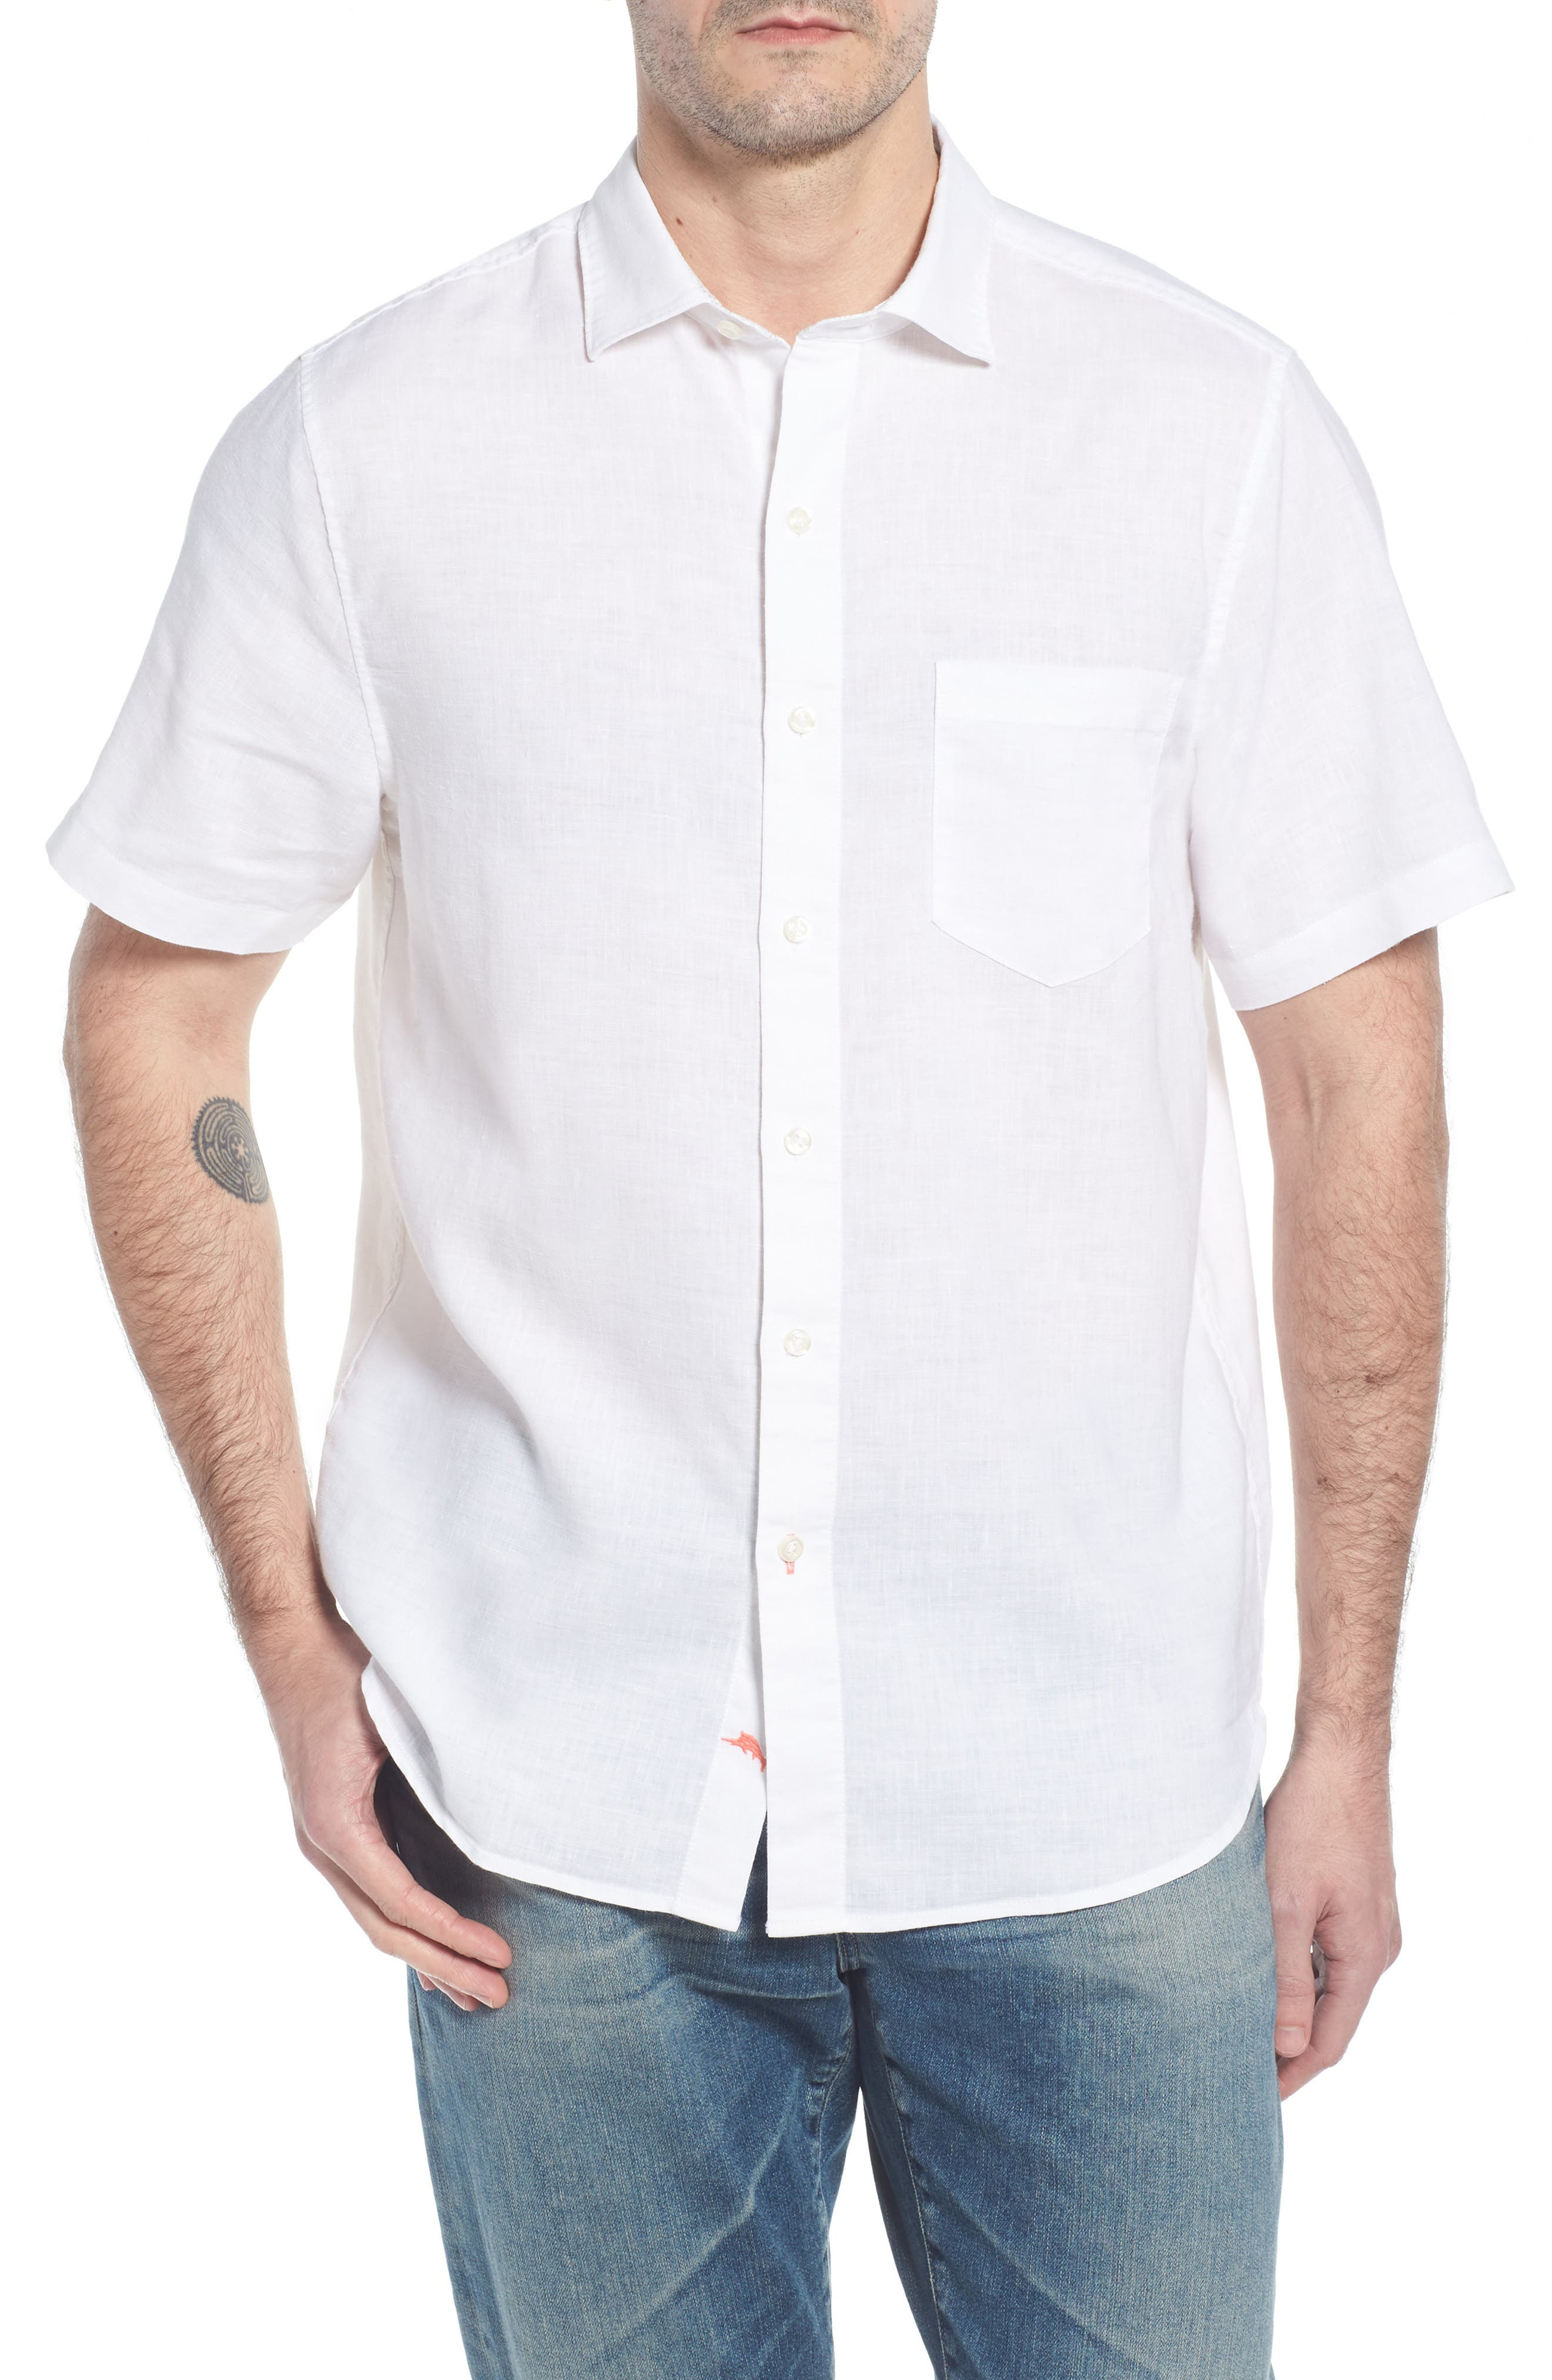 Lanai Tides Linen Blend Sport Shirt,                         Main,                         color, 100